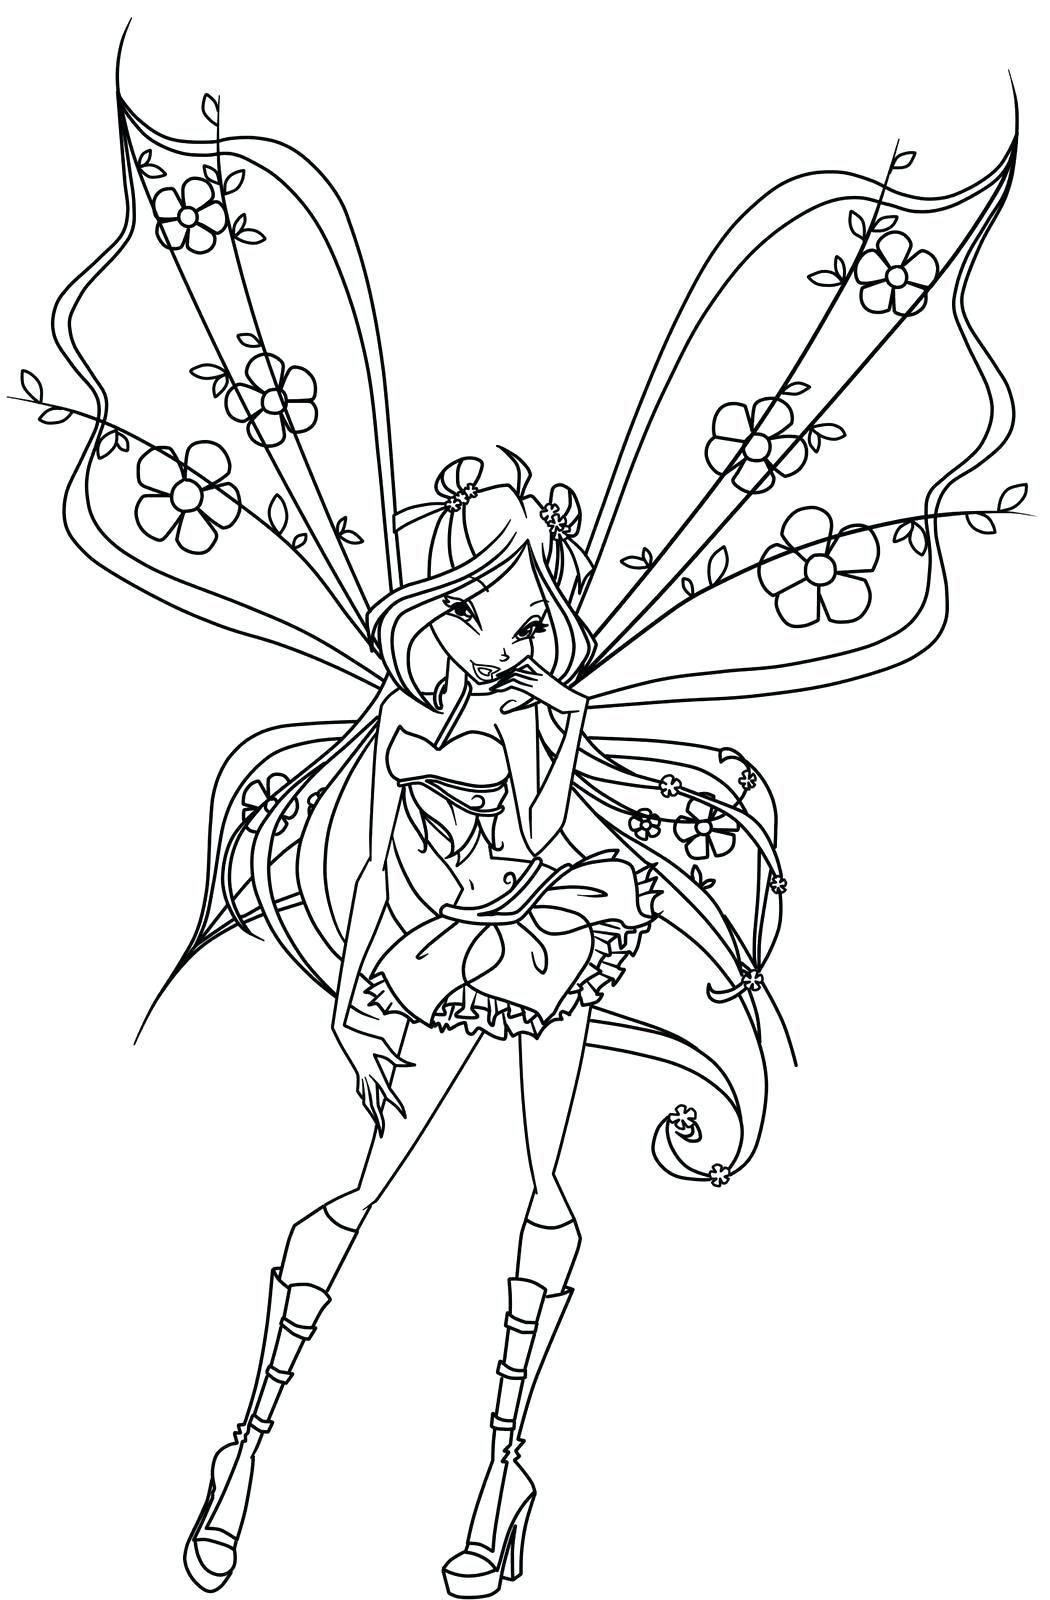 Tranh Tô Màu Công Chúa Phép Thuật Winx - Bloom 12